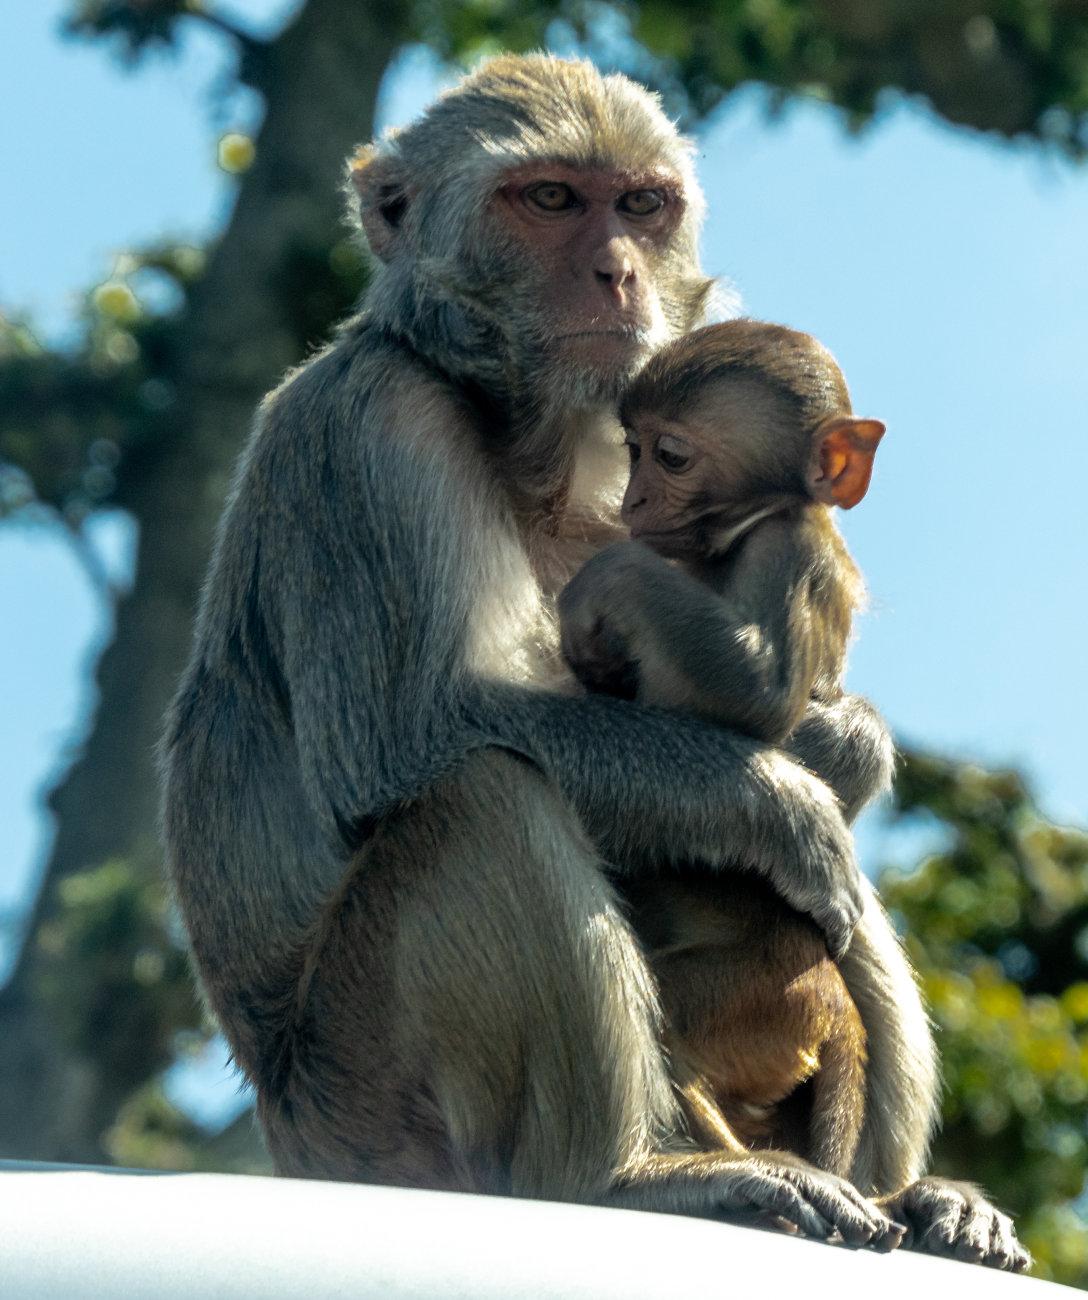 Longleat Monkey